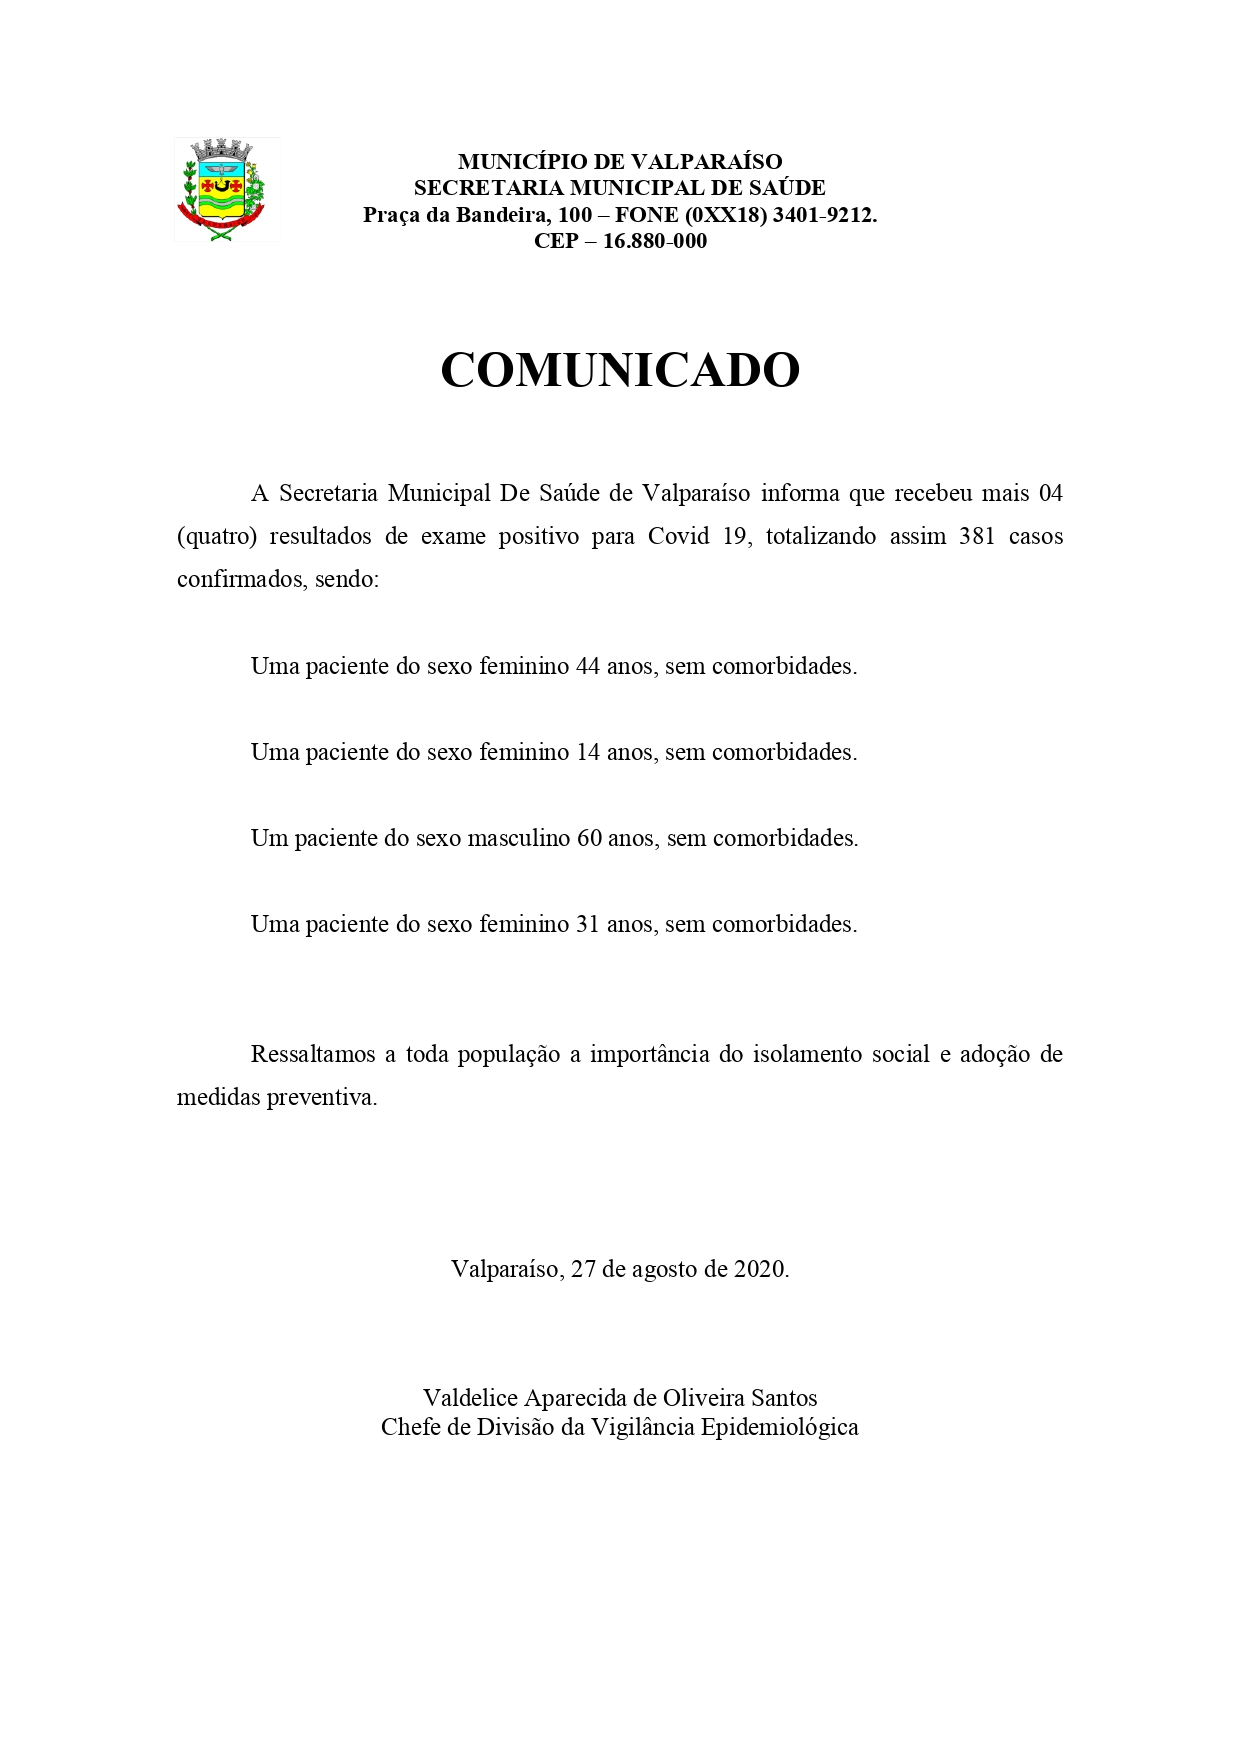 covid381